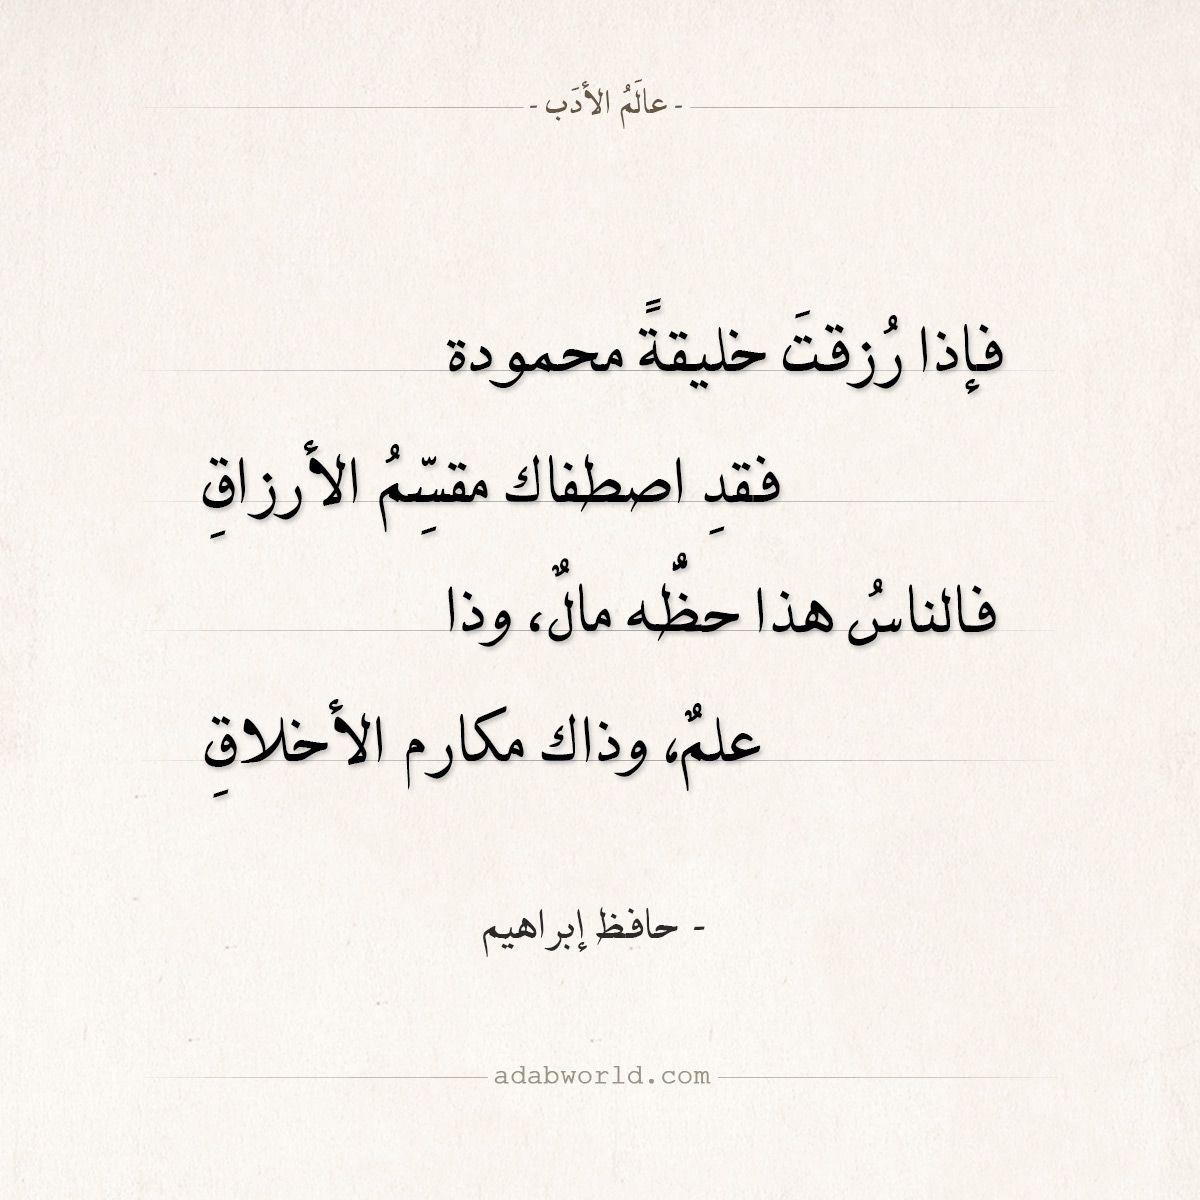 شعر حافظ إبراهيم فإذا رزقت خليقة محمودة عالم الأدب Pretty Quotes Words Quotes Positive Words